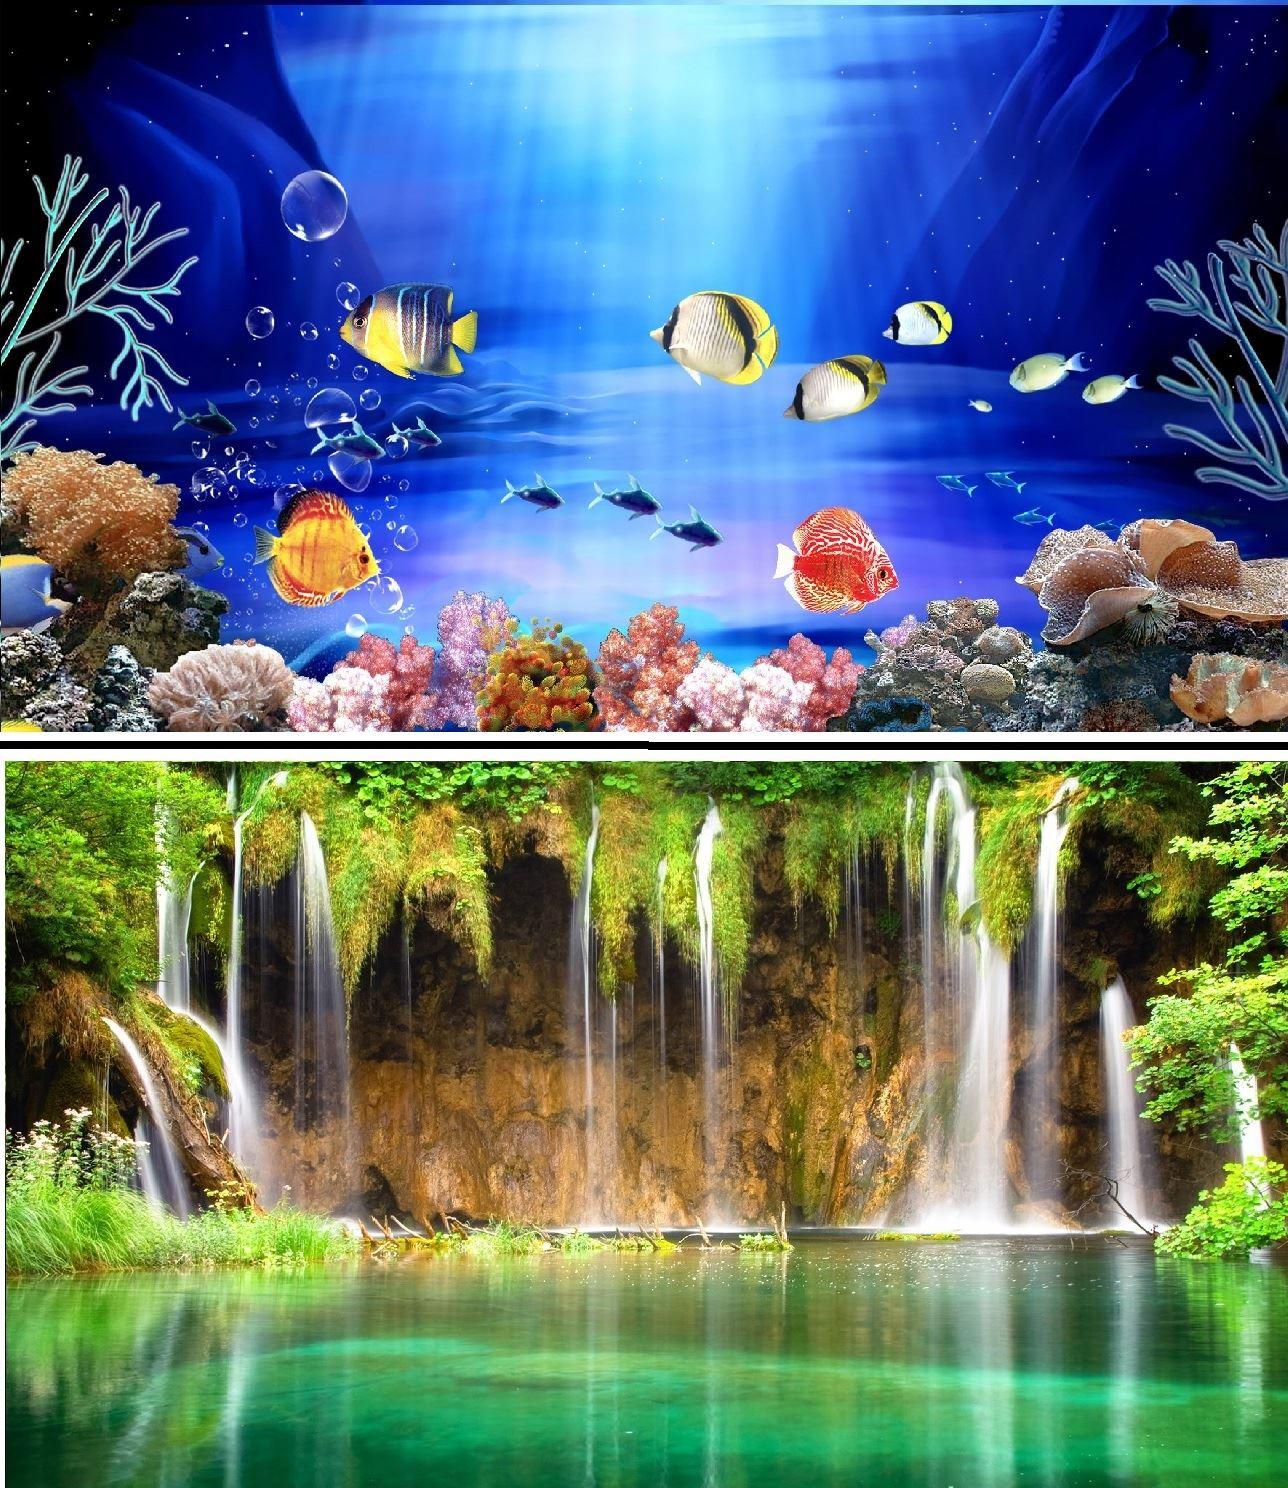 Fish aquarium in bangladesh - 31 Double Sided Aquarium Background Backdrop Fish Tank Reptile Vivarium Marine